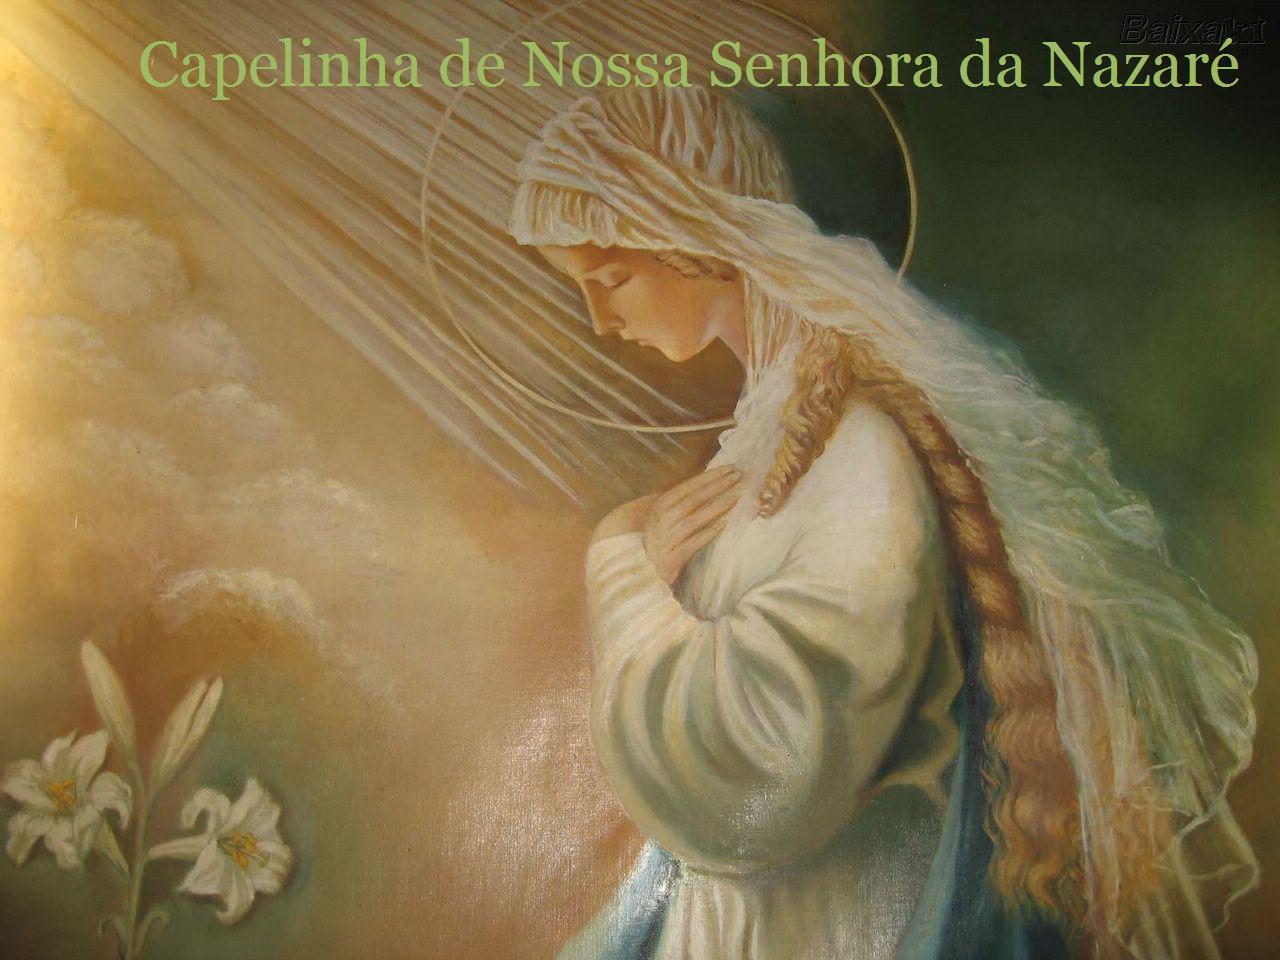 Capelinha de Nossa Senhora da Nazaré